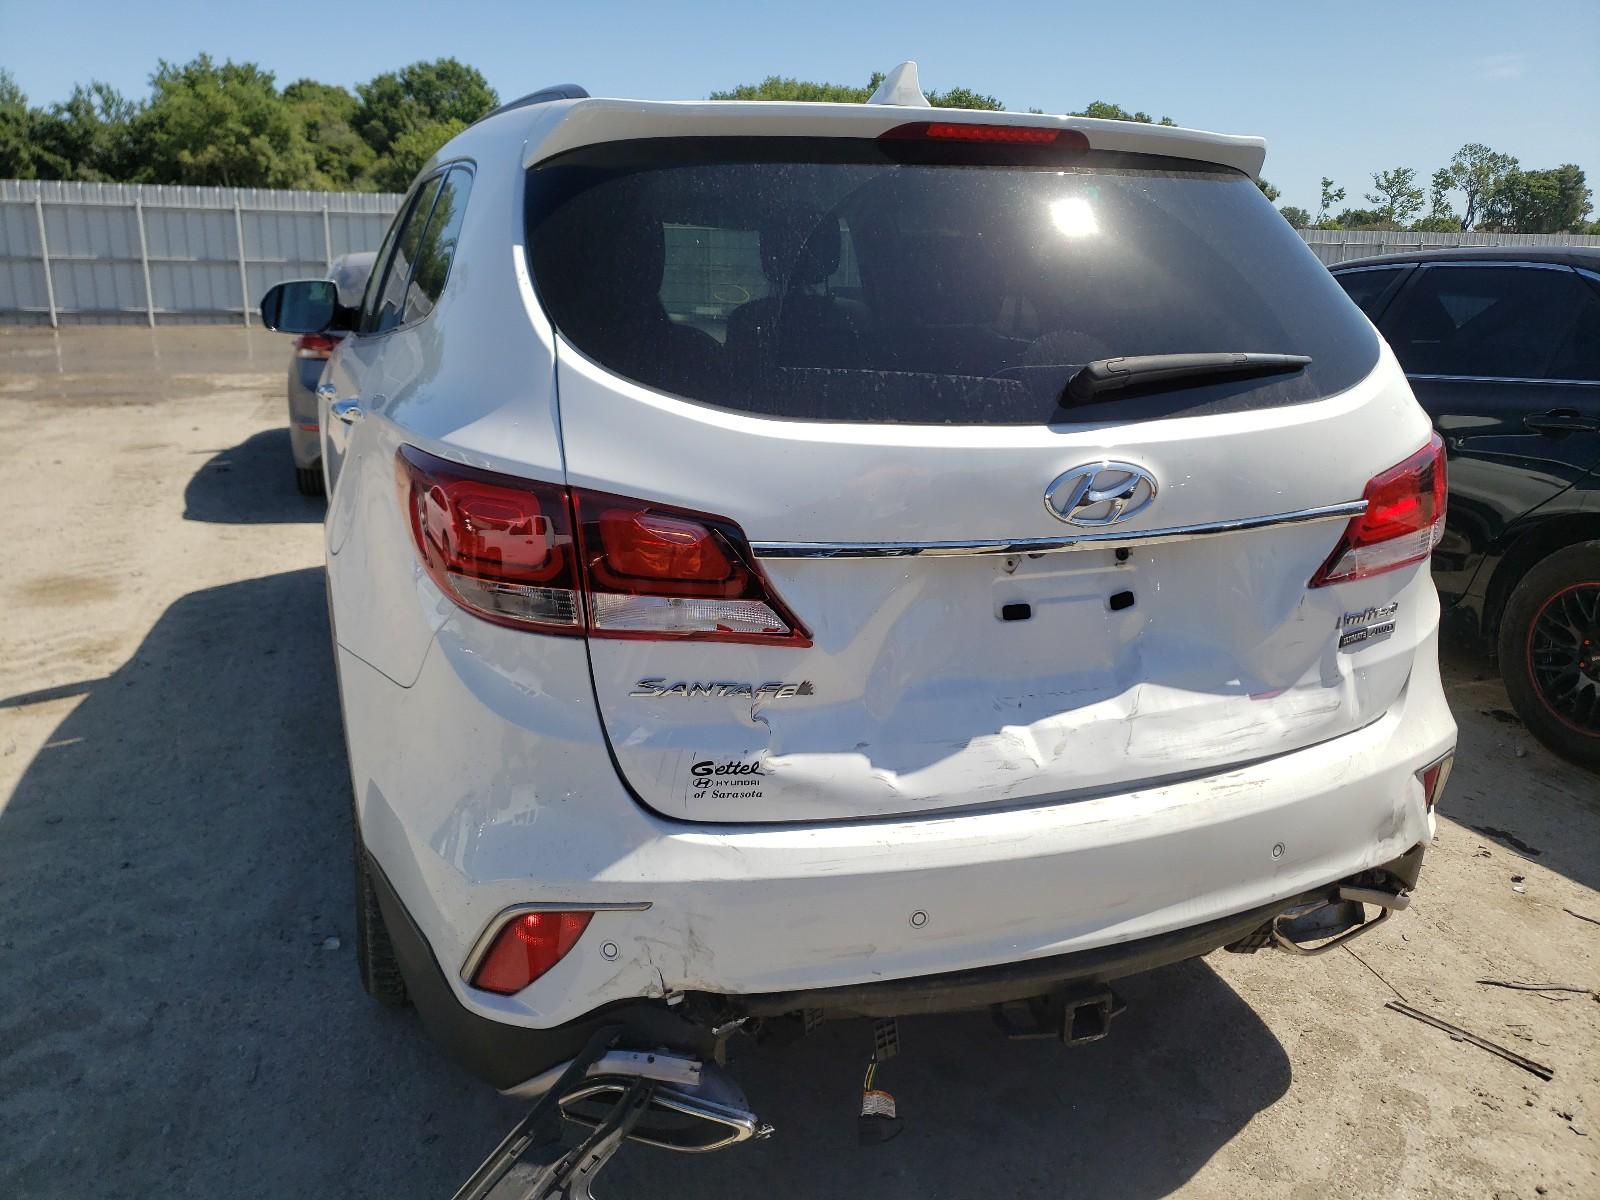 Hyundai Santa fe s 2017